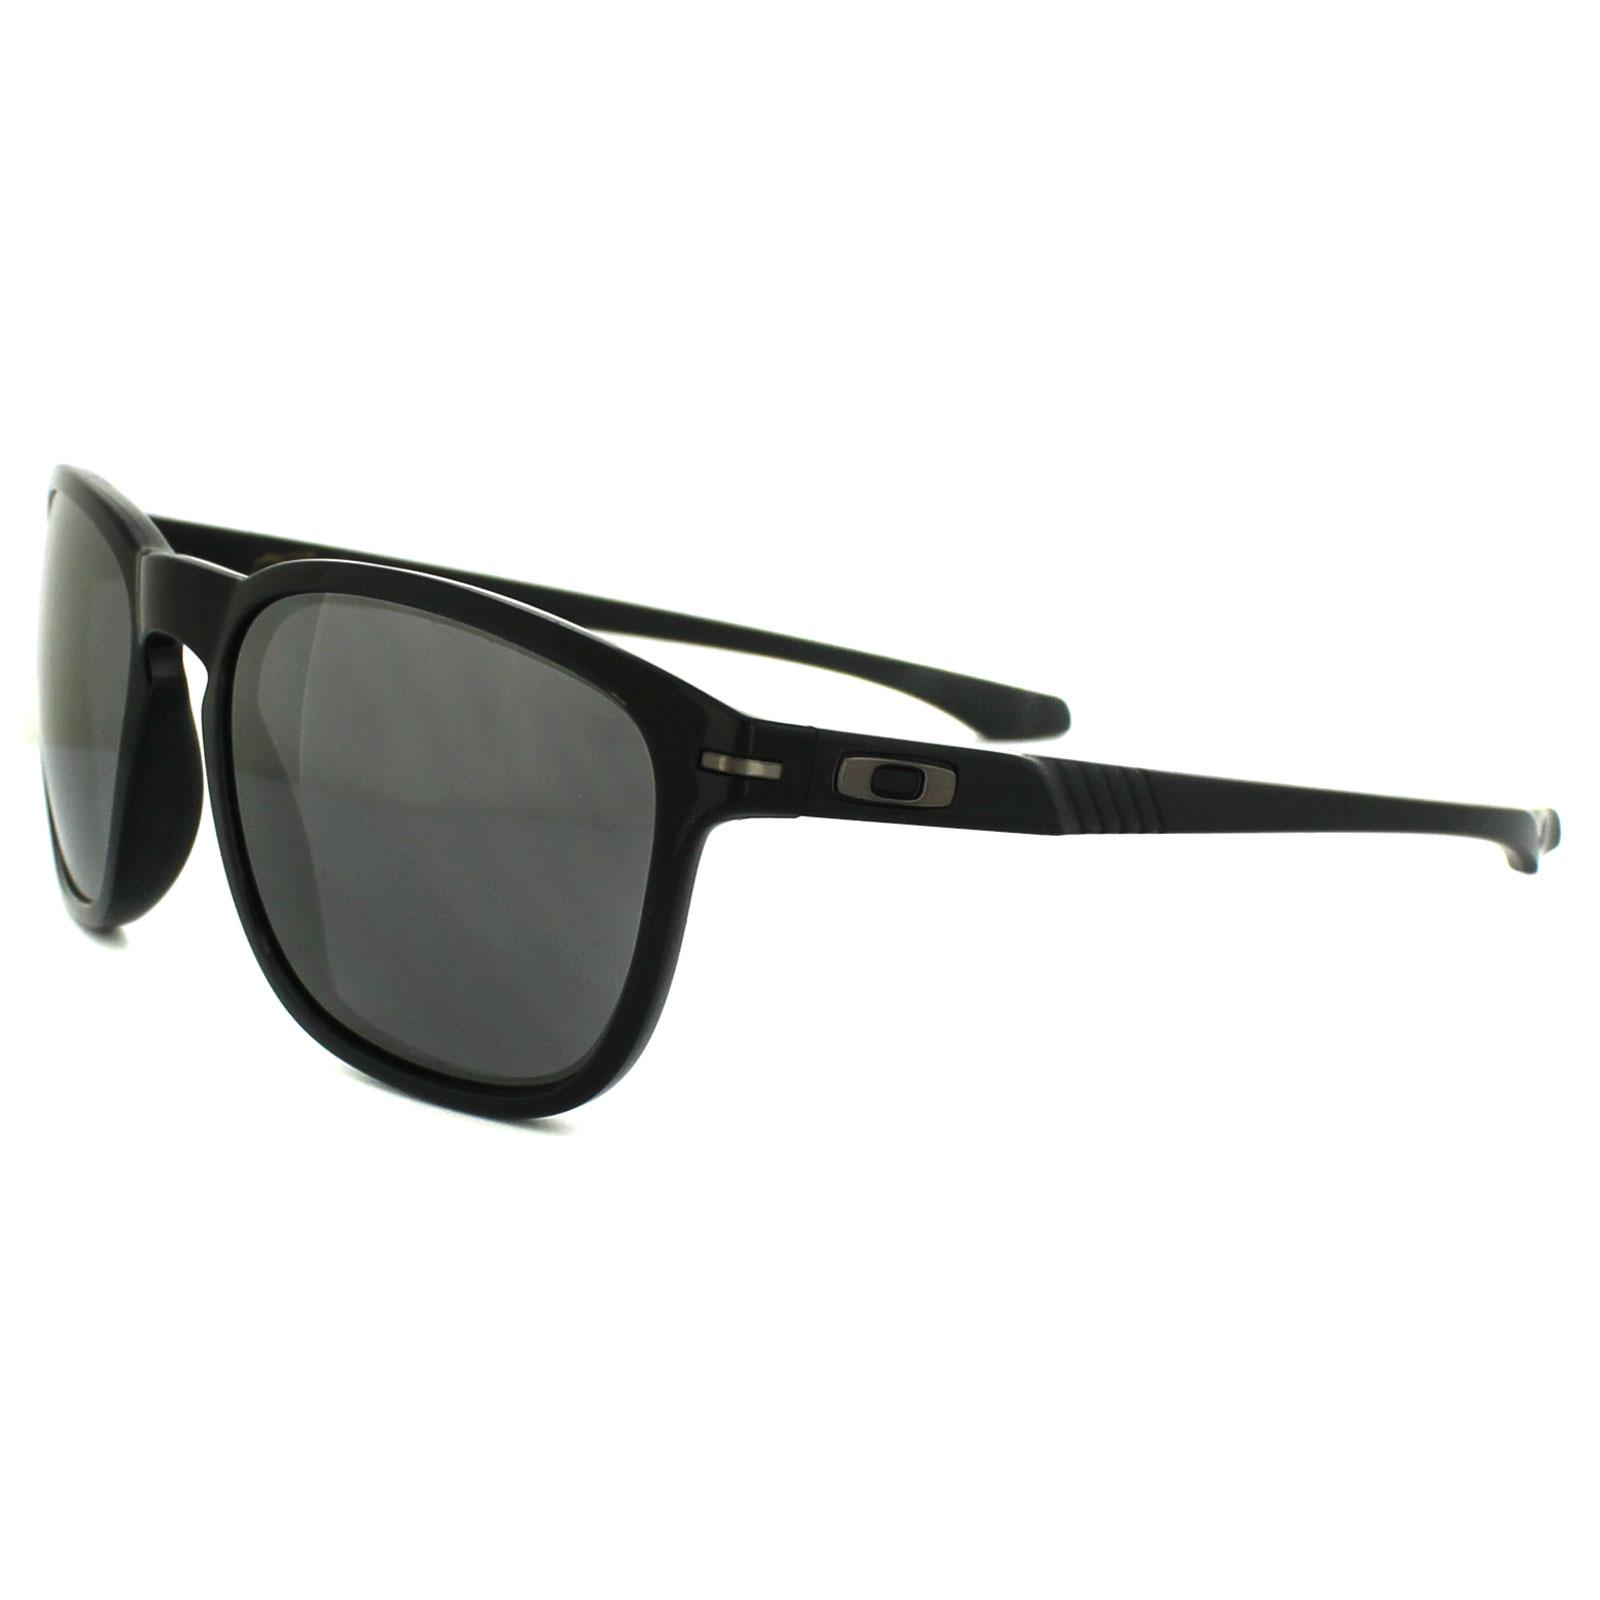 white and black oakley sunglasses e9xf  Oakley Enduro Sunglasses